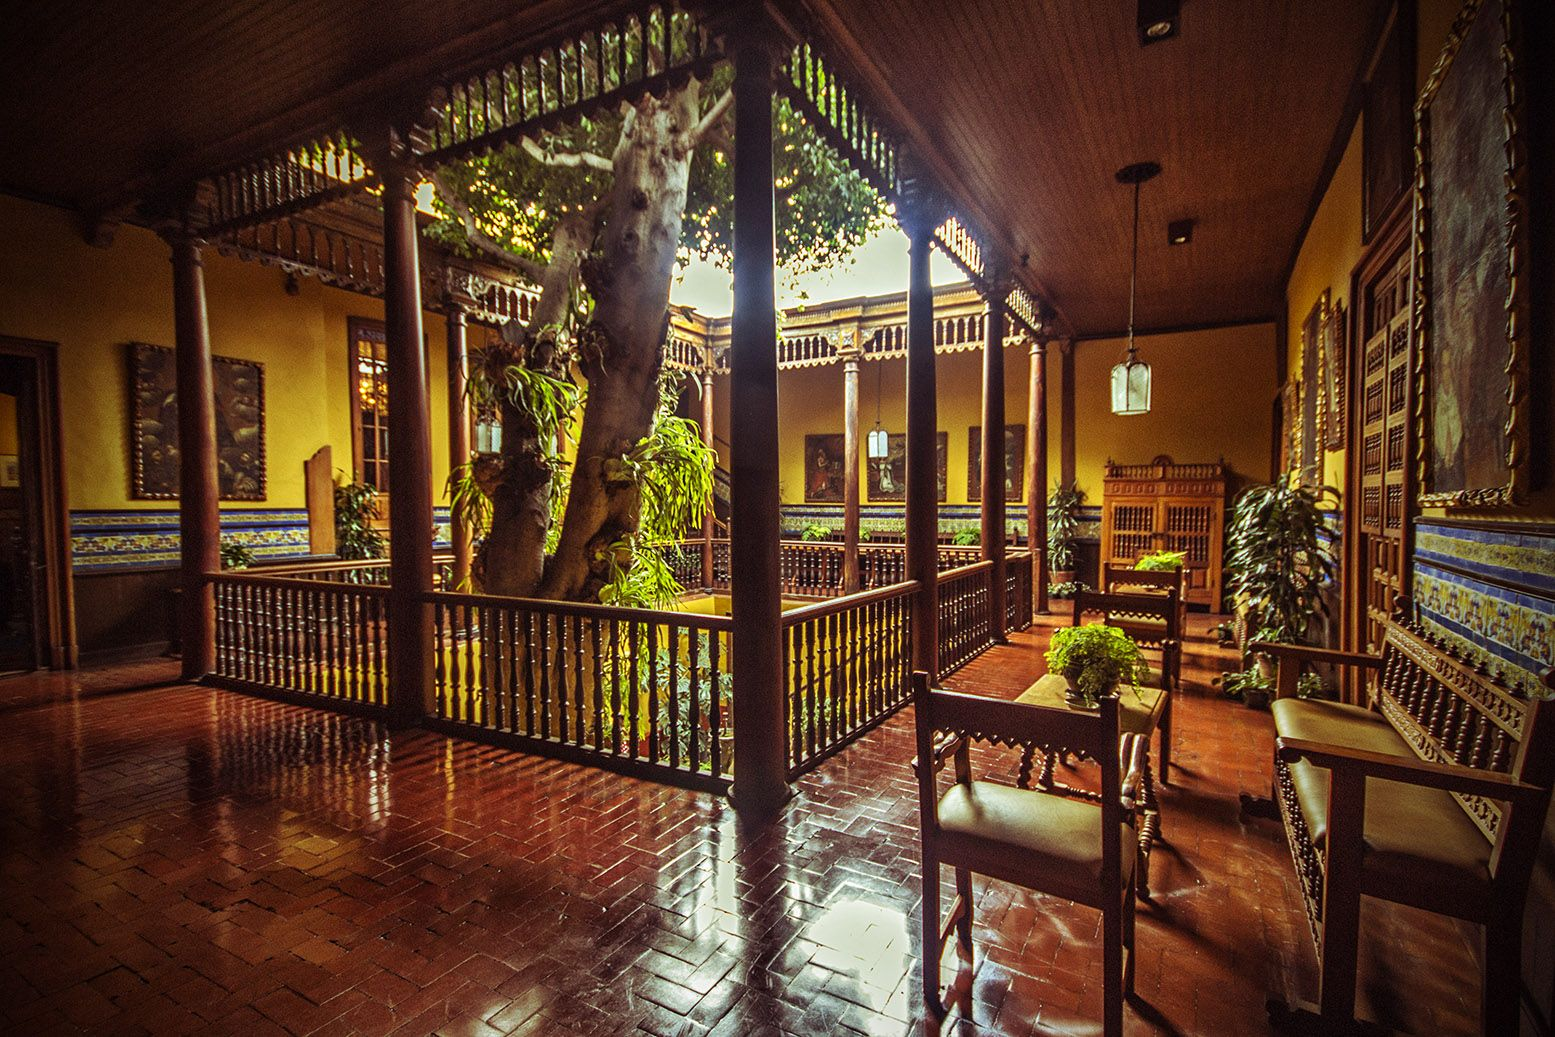 Patio interior de la casa construida en 1535 de la familia aliaga en lima peru - Casas con patio interior ...